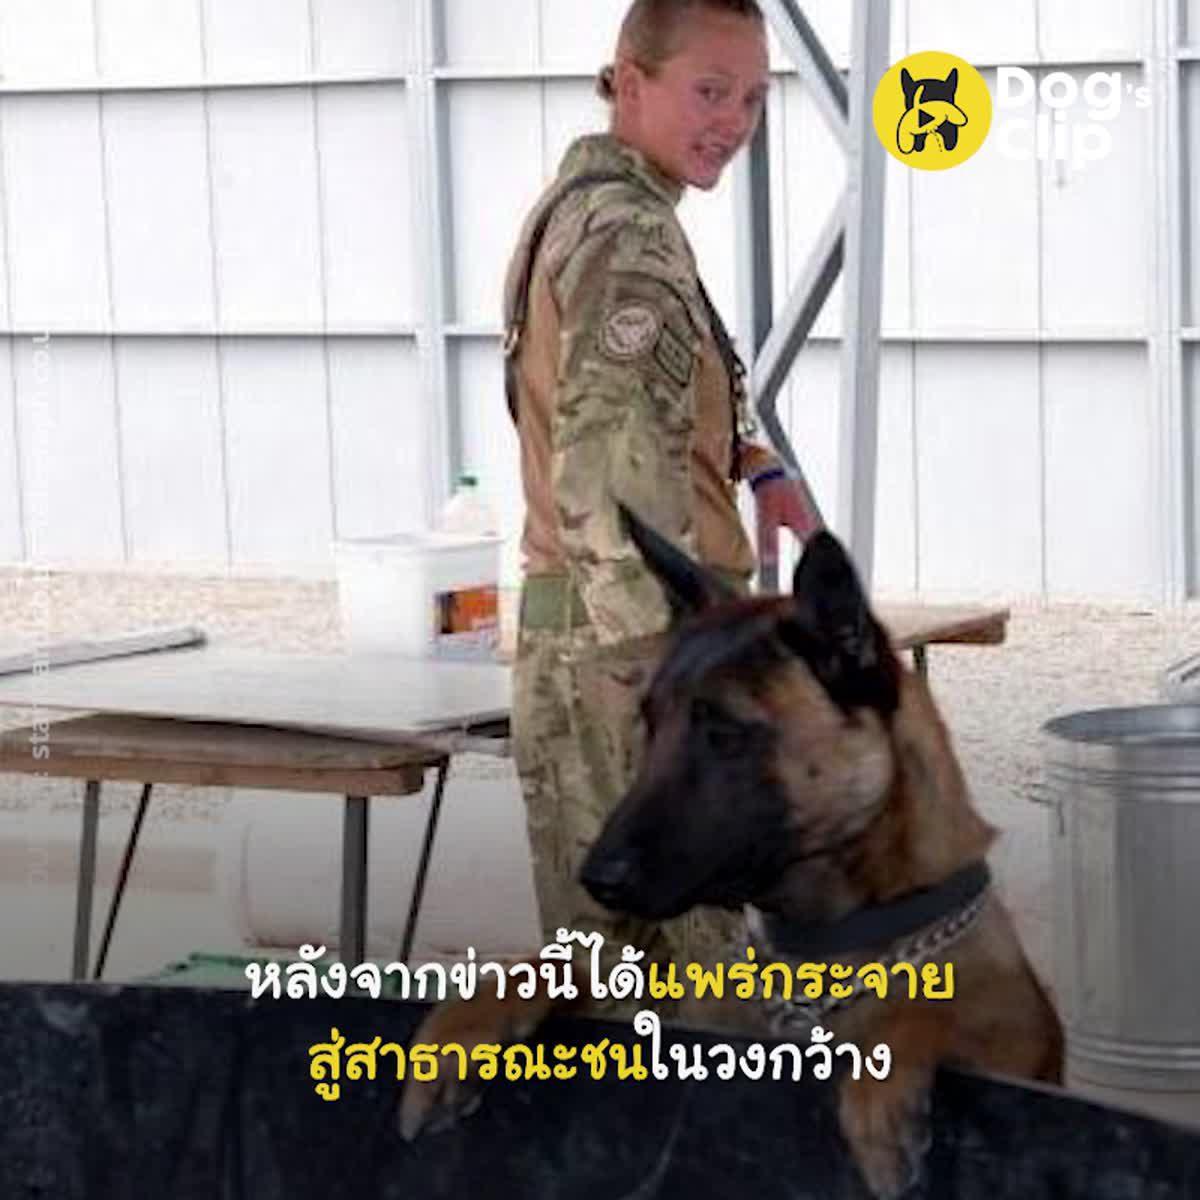 [อัปเดต] น้องหมาทหารที่ปลดประจำการกำลังจะถูกการุณยฆาตเพราะไม่มีใครรับพวกเขาเหล่านั้นไปเลี้ยง | Dog's Clip